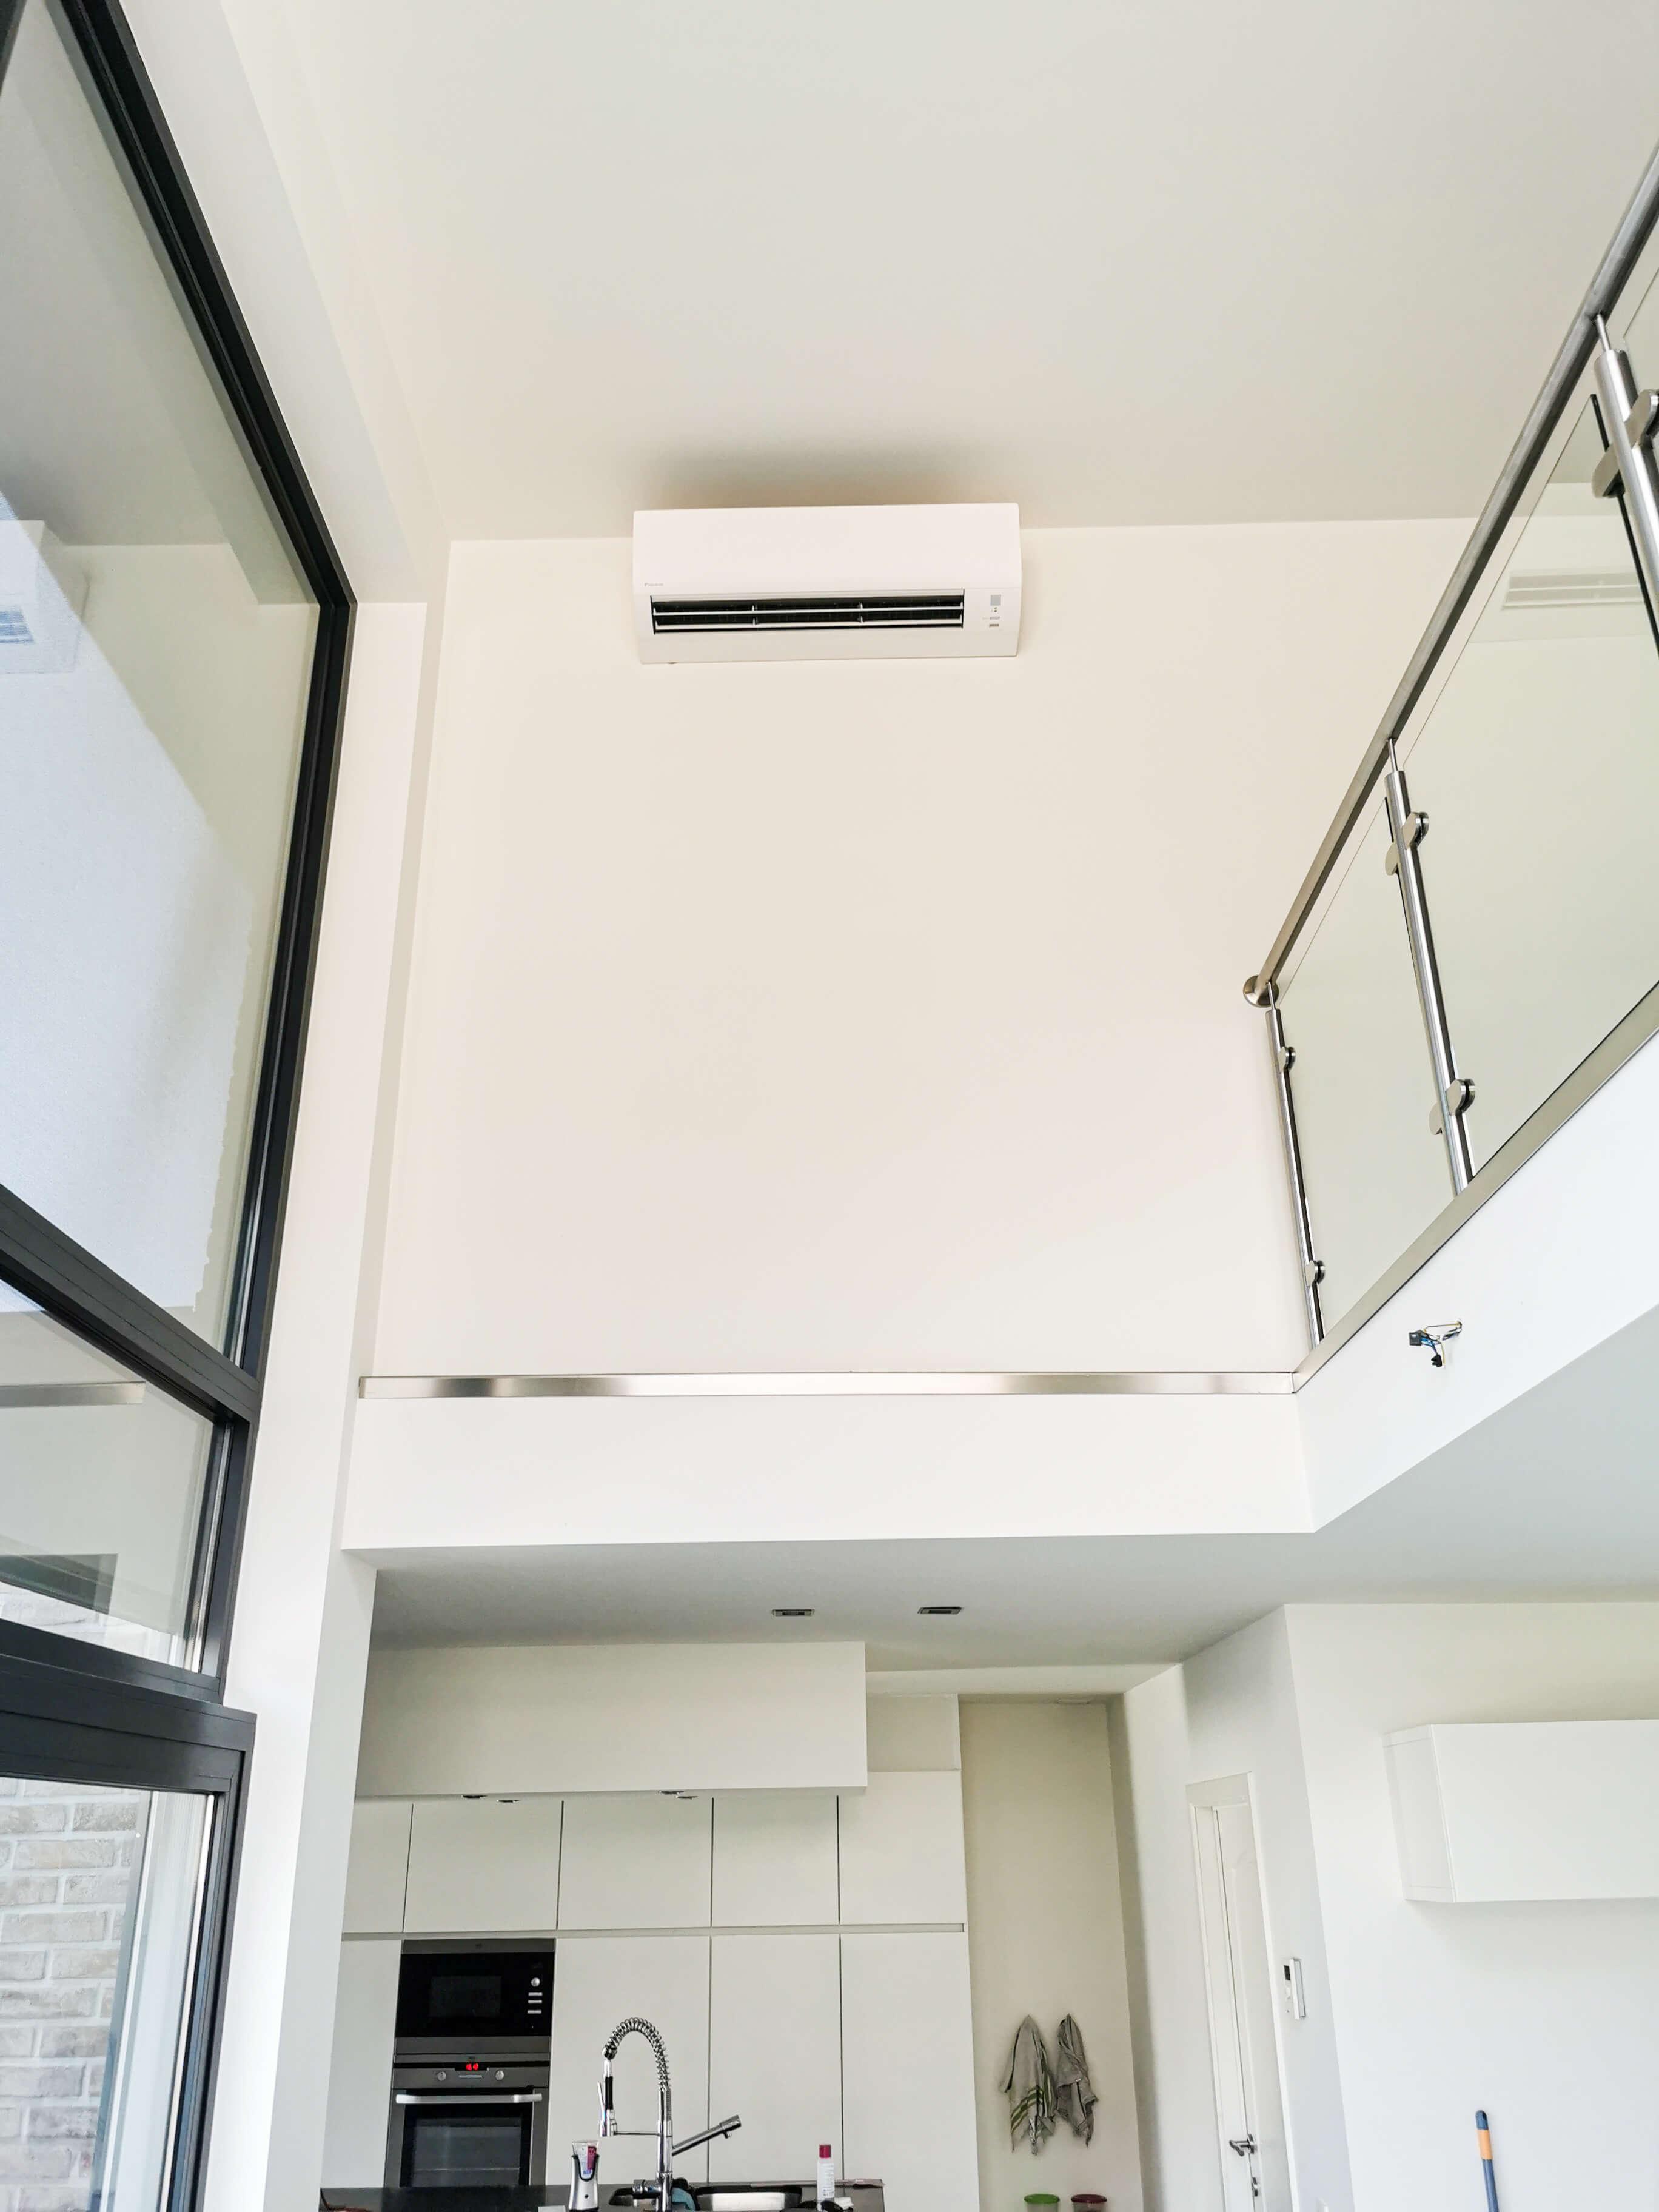 Airco is geplaatst tegen een hoog plafond in een luxueuze woning.